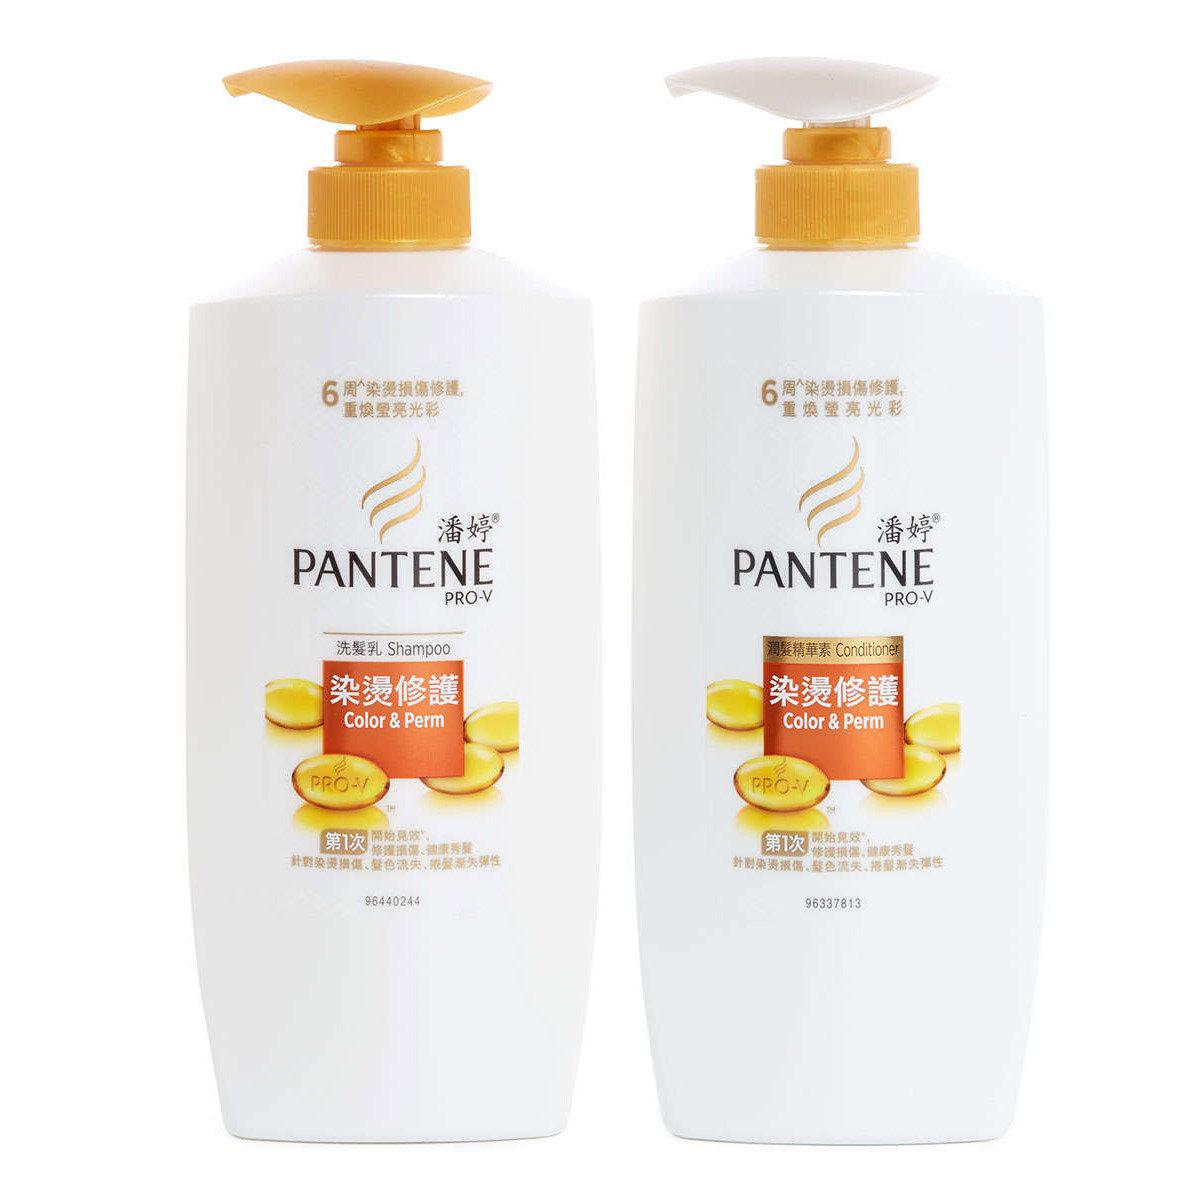 [優惠套裝] 潘婷染燙修護洗髮護髮套裝